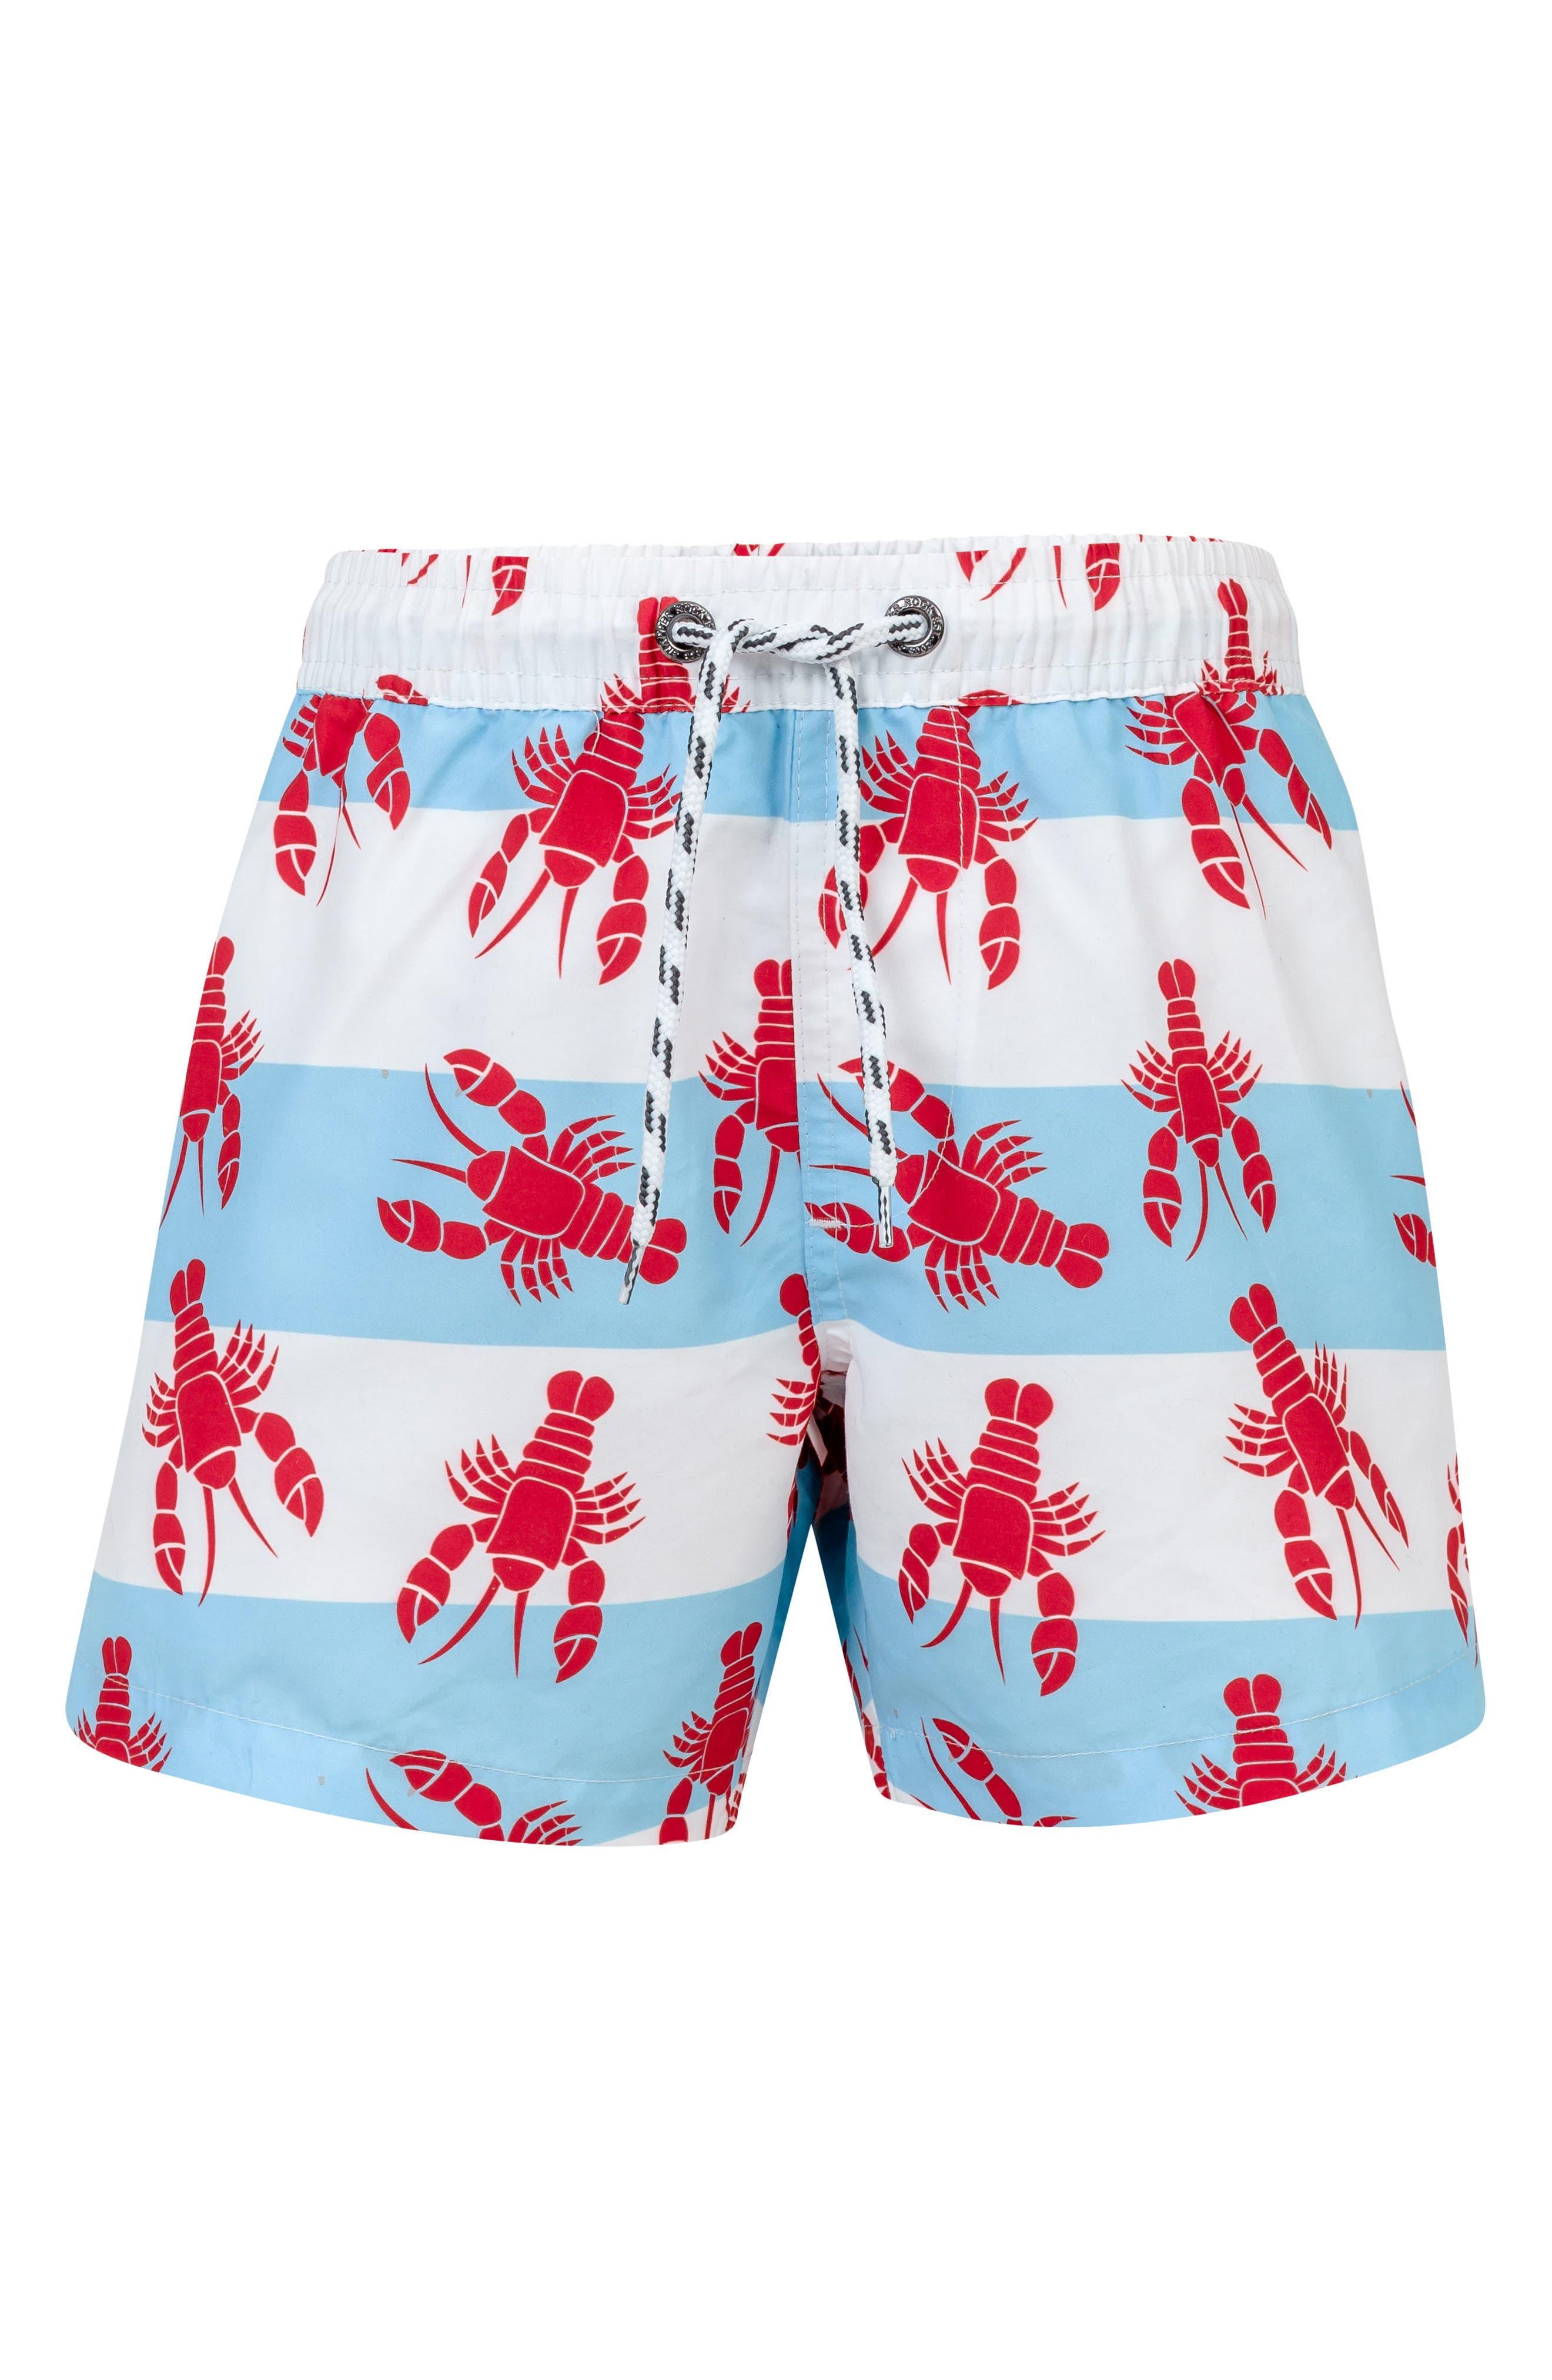 Lobster Board Shorts,                         Main,                         color, White Aqua Stripe